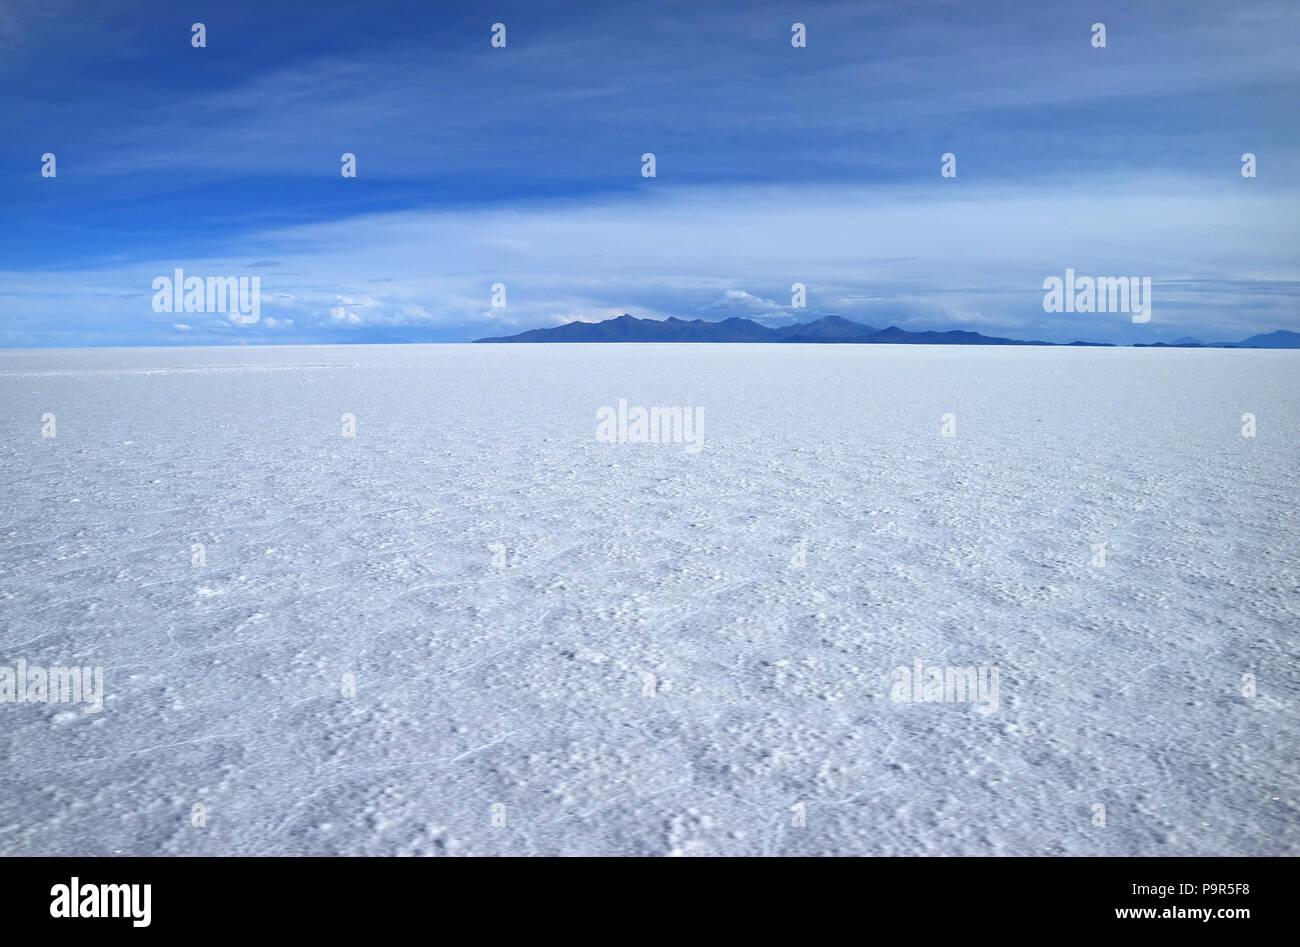 Impresionantes vistas de la plana sales más grande del mundo, el Salar de Uyuni en Potosí, Bolivia, América del Sur Imagen De Stock